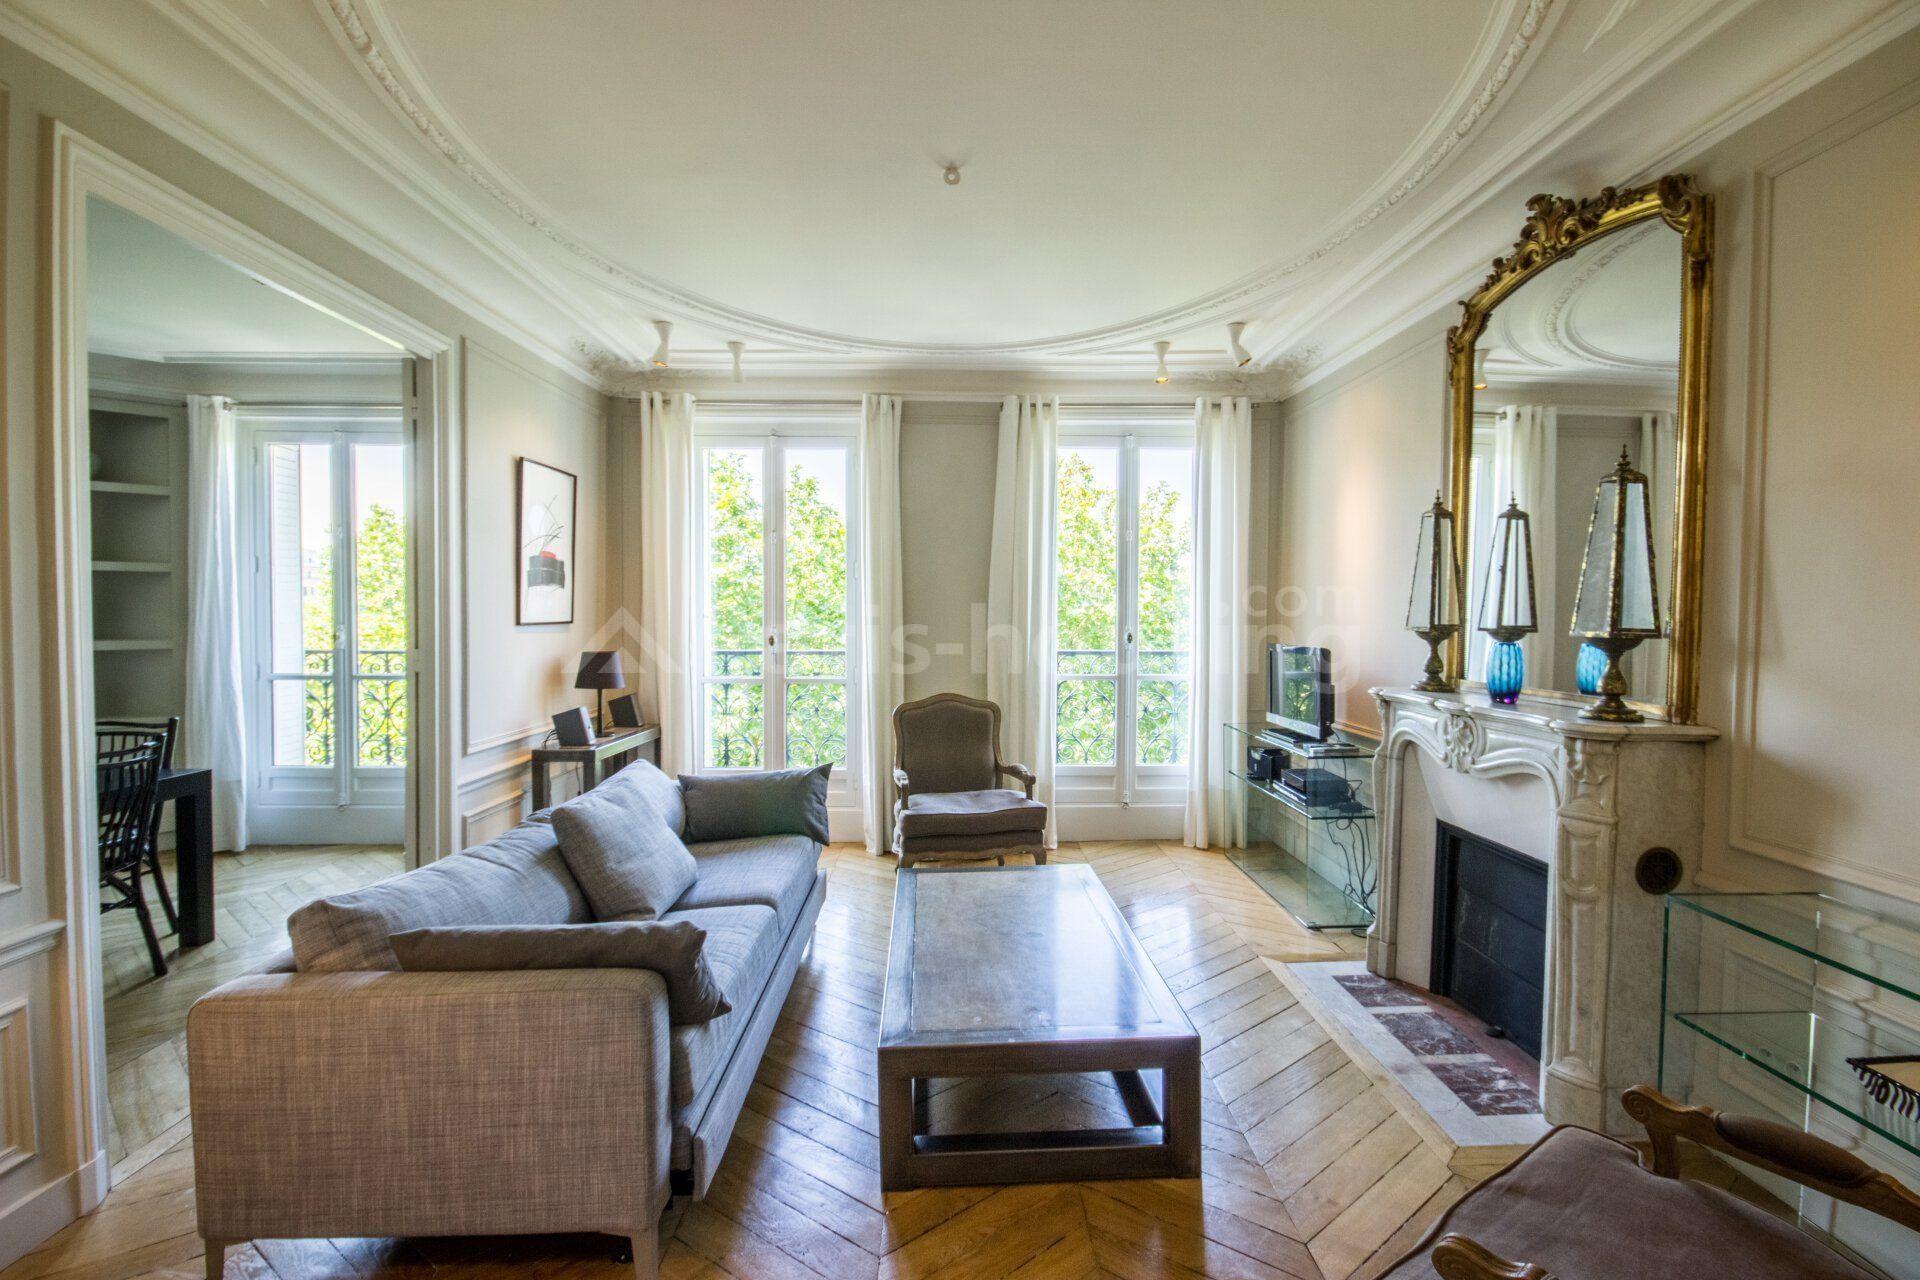 Apartment to rent in Paris 75007 - 2 beds - €3,600 per ...